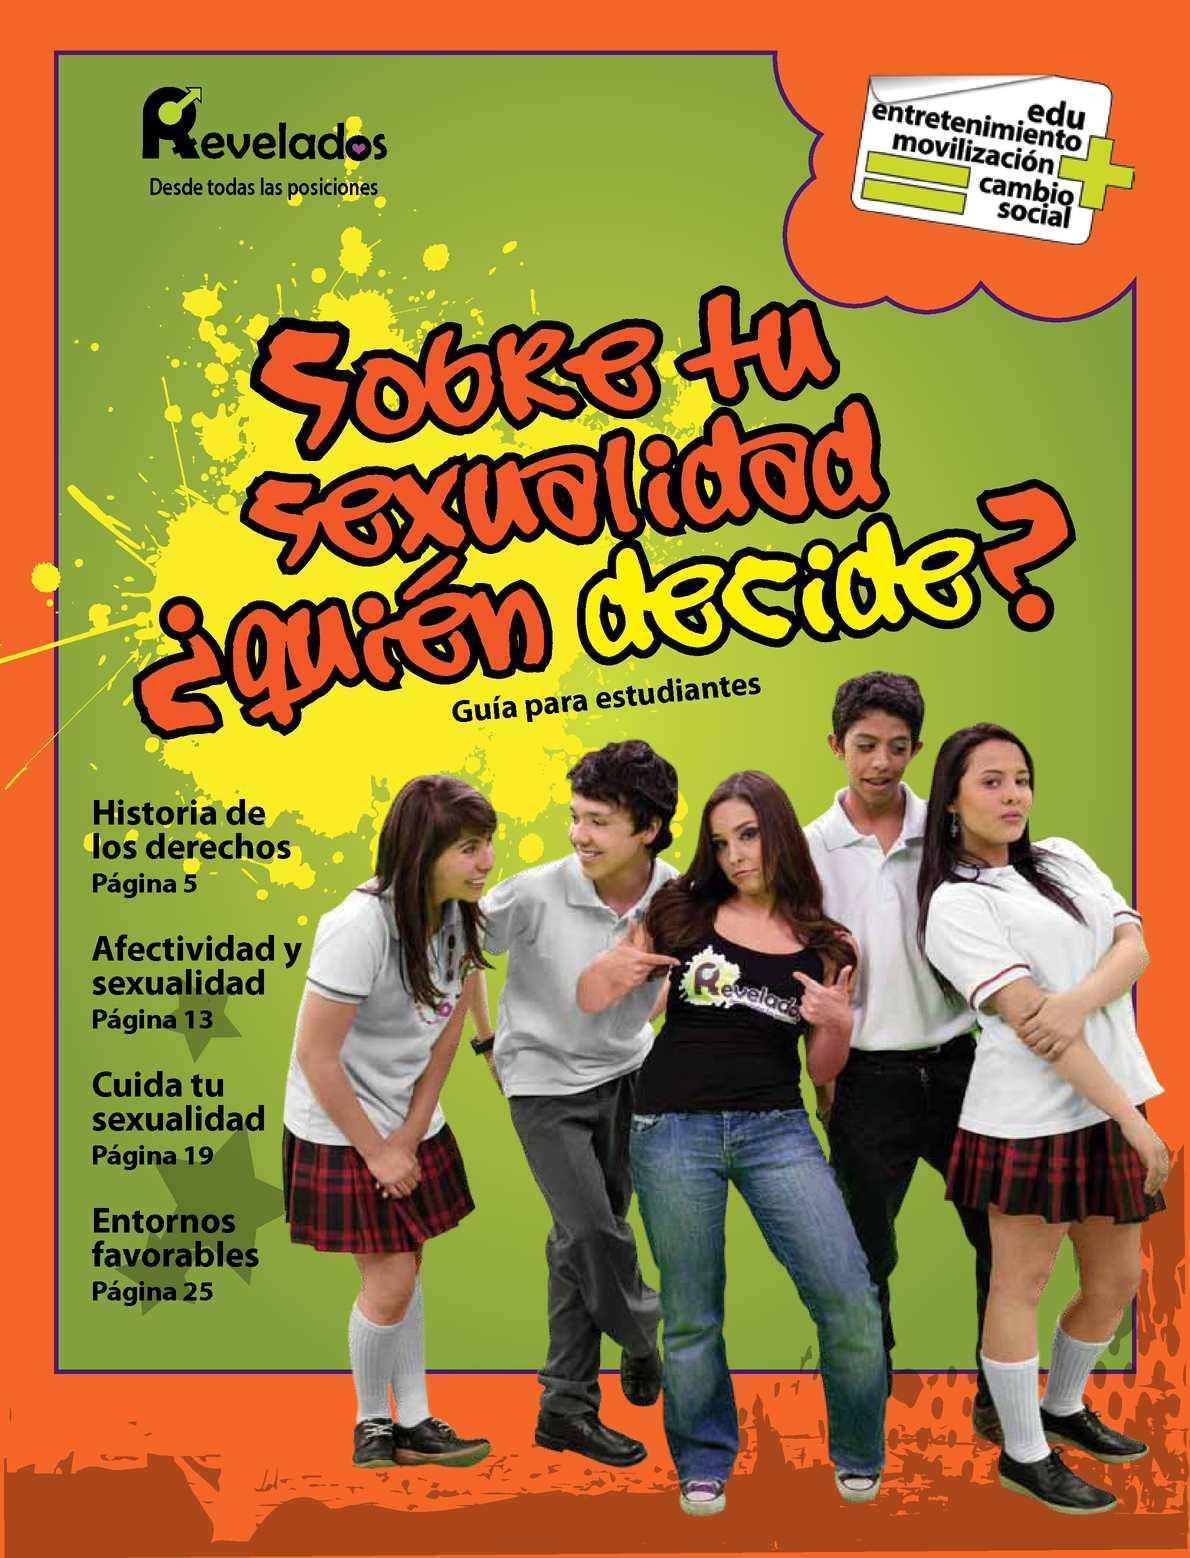 Rf libre de derechos de los adolescentes y